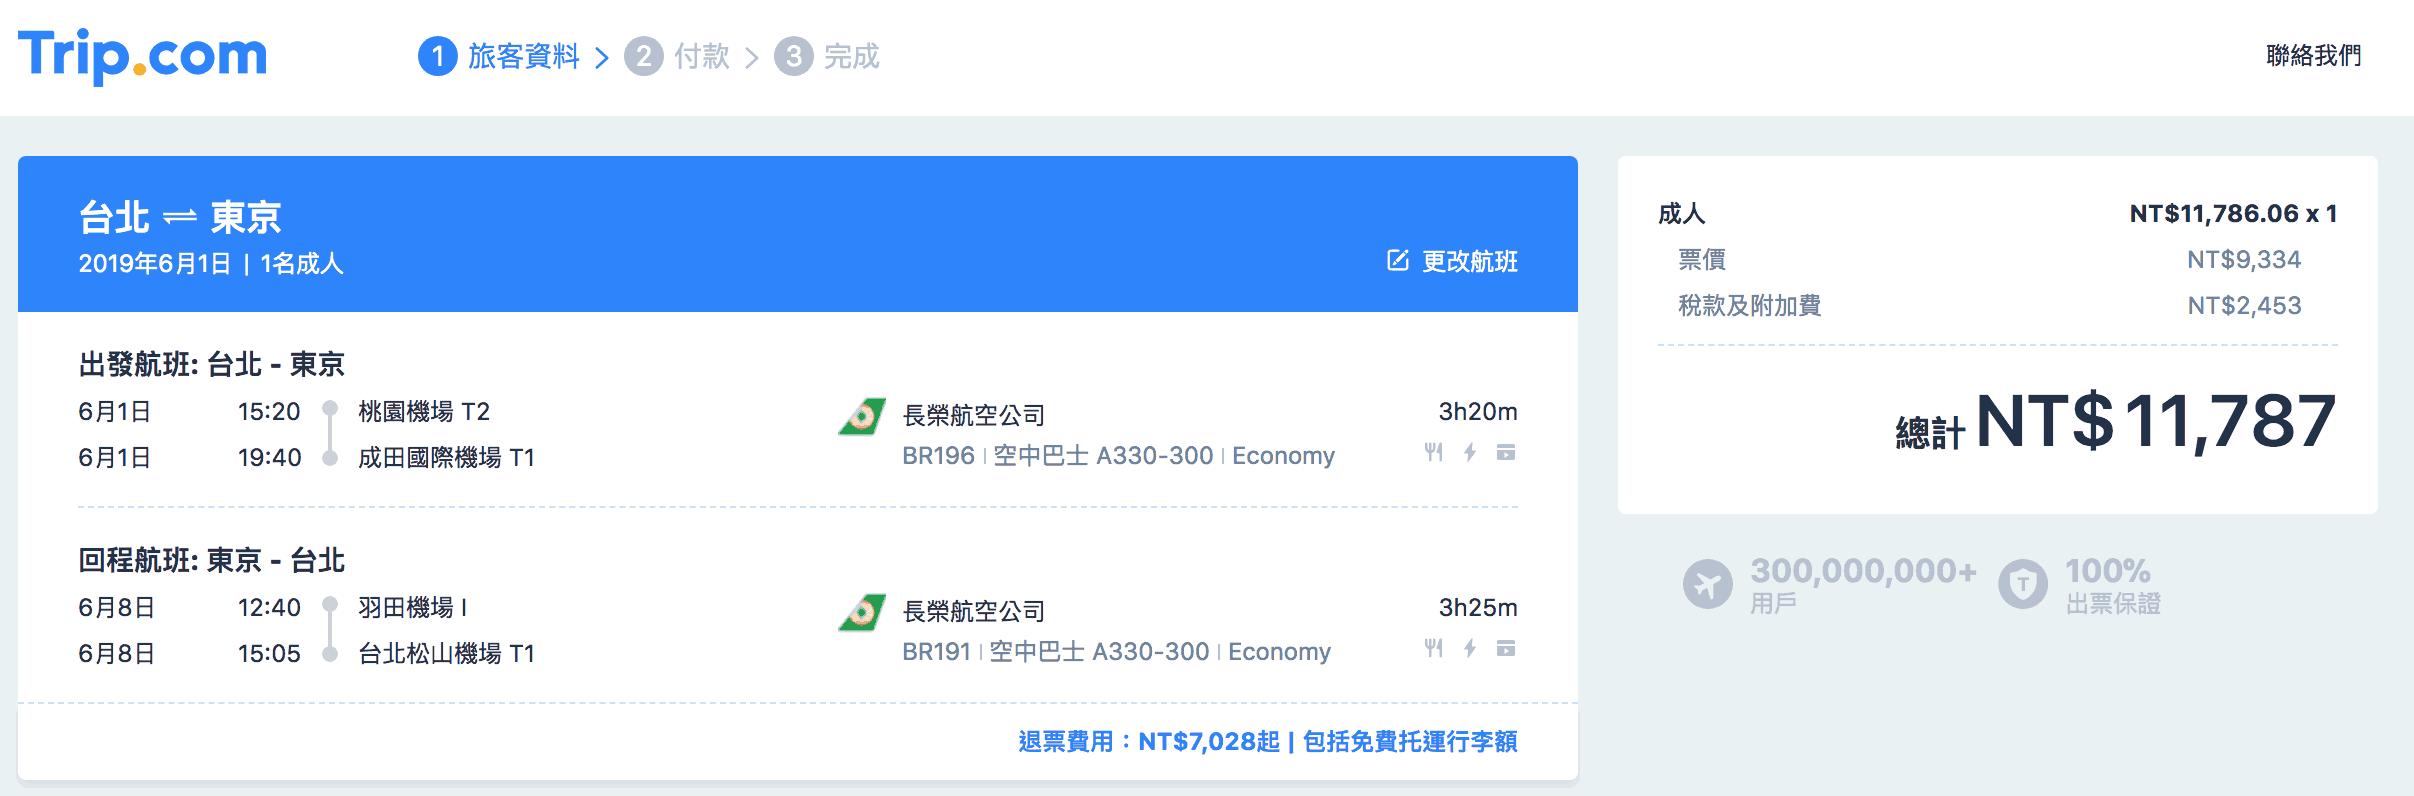 trip.com訂機票 - 價差示範 / 台北往東京